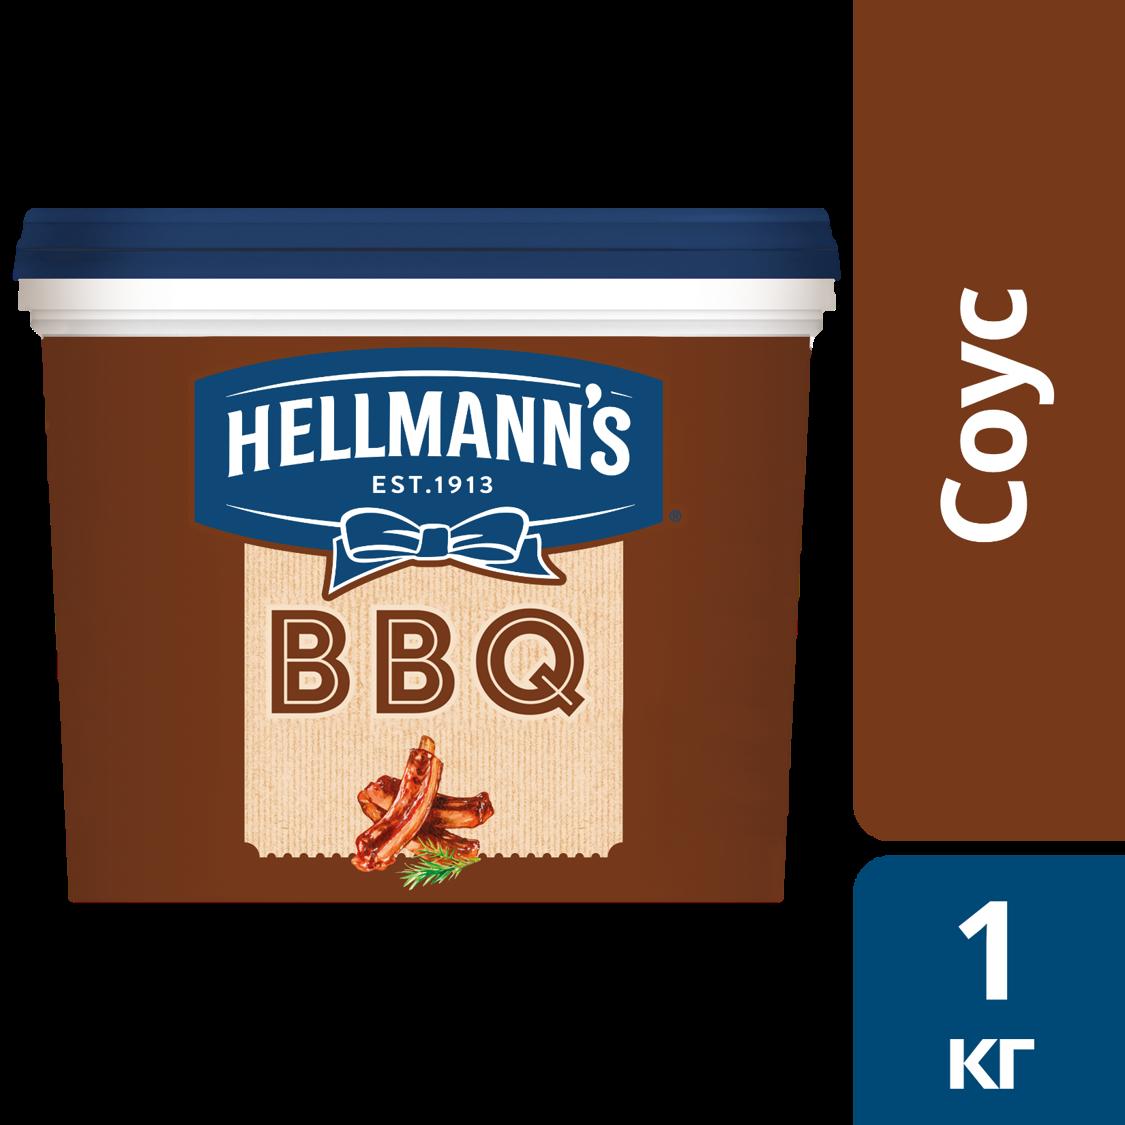 HELLMANN'S Соус Барбекю (1кг) - Unilever Food Solution. Новая линейка соусов Hellmann's